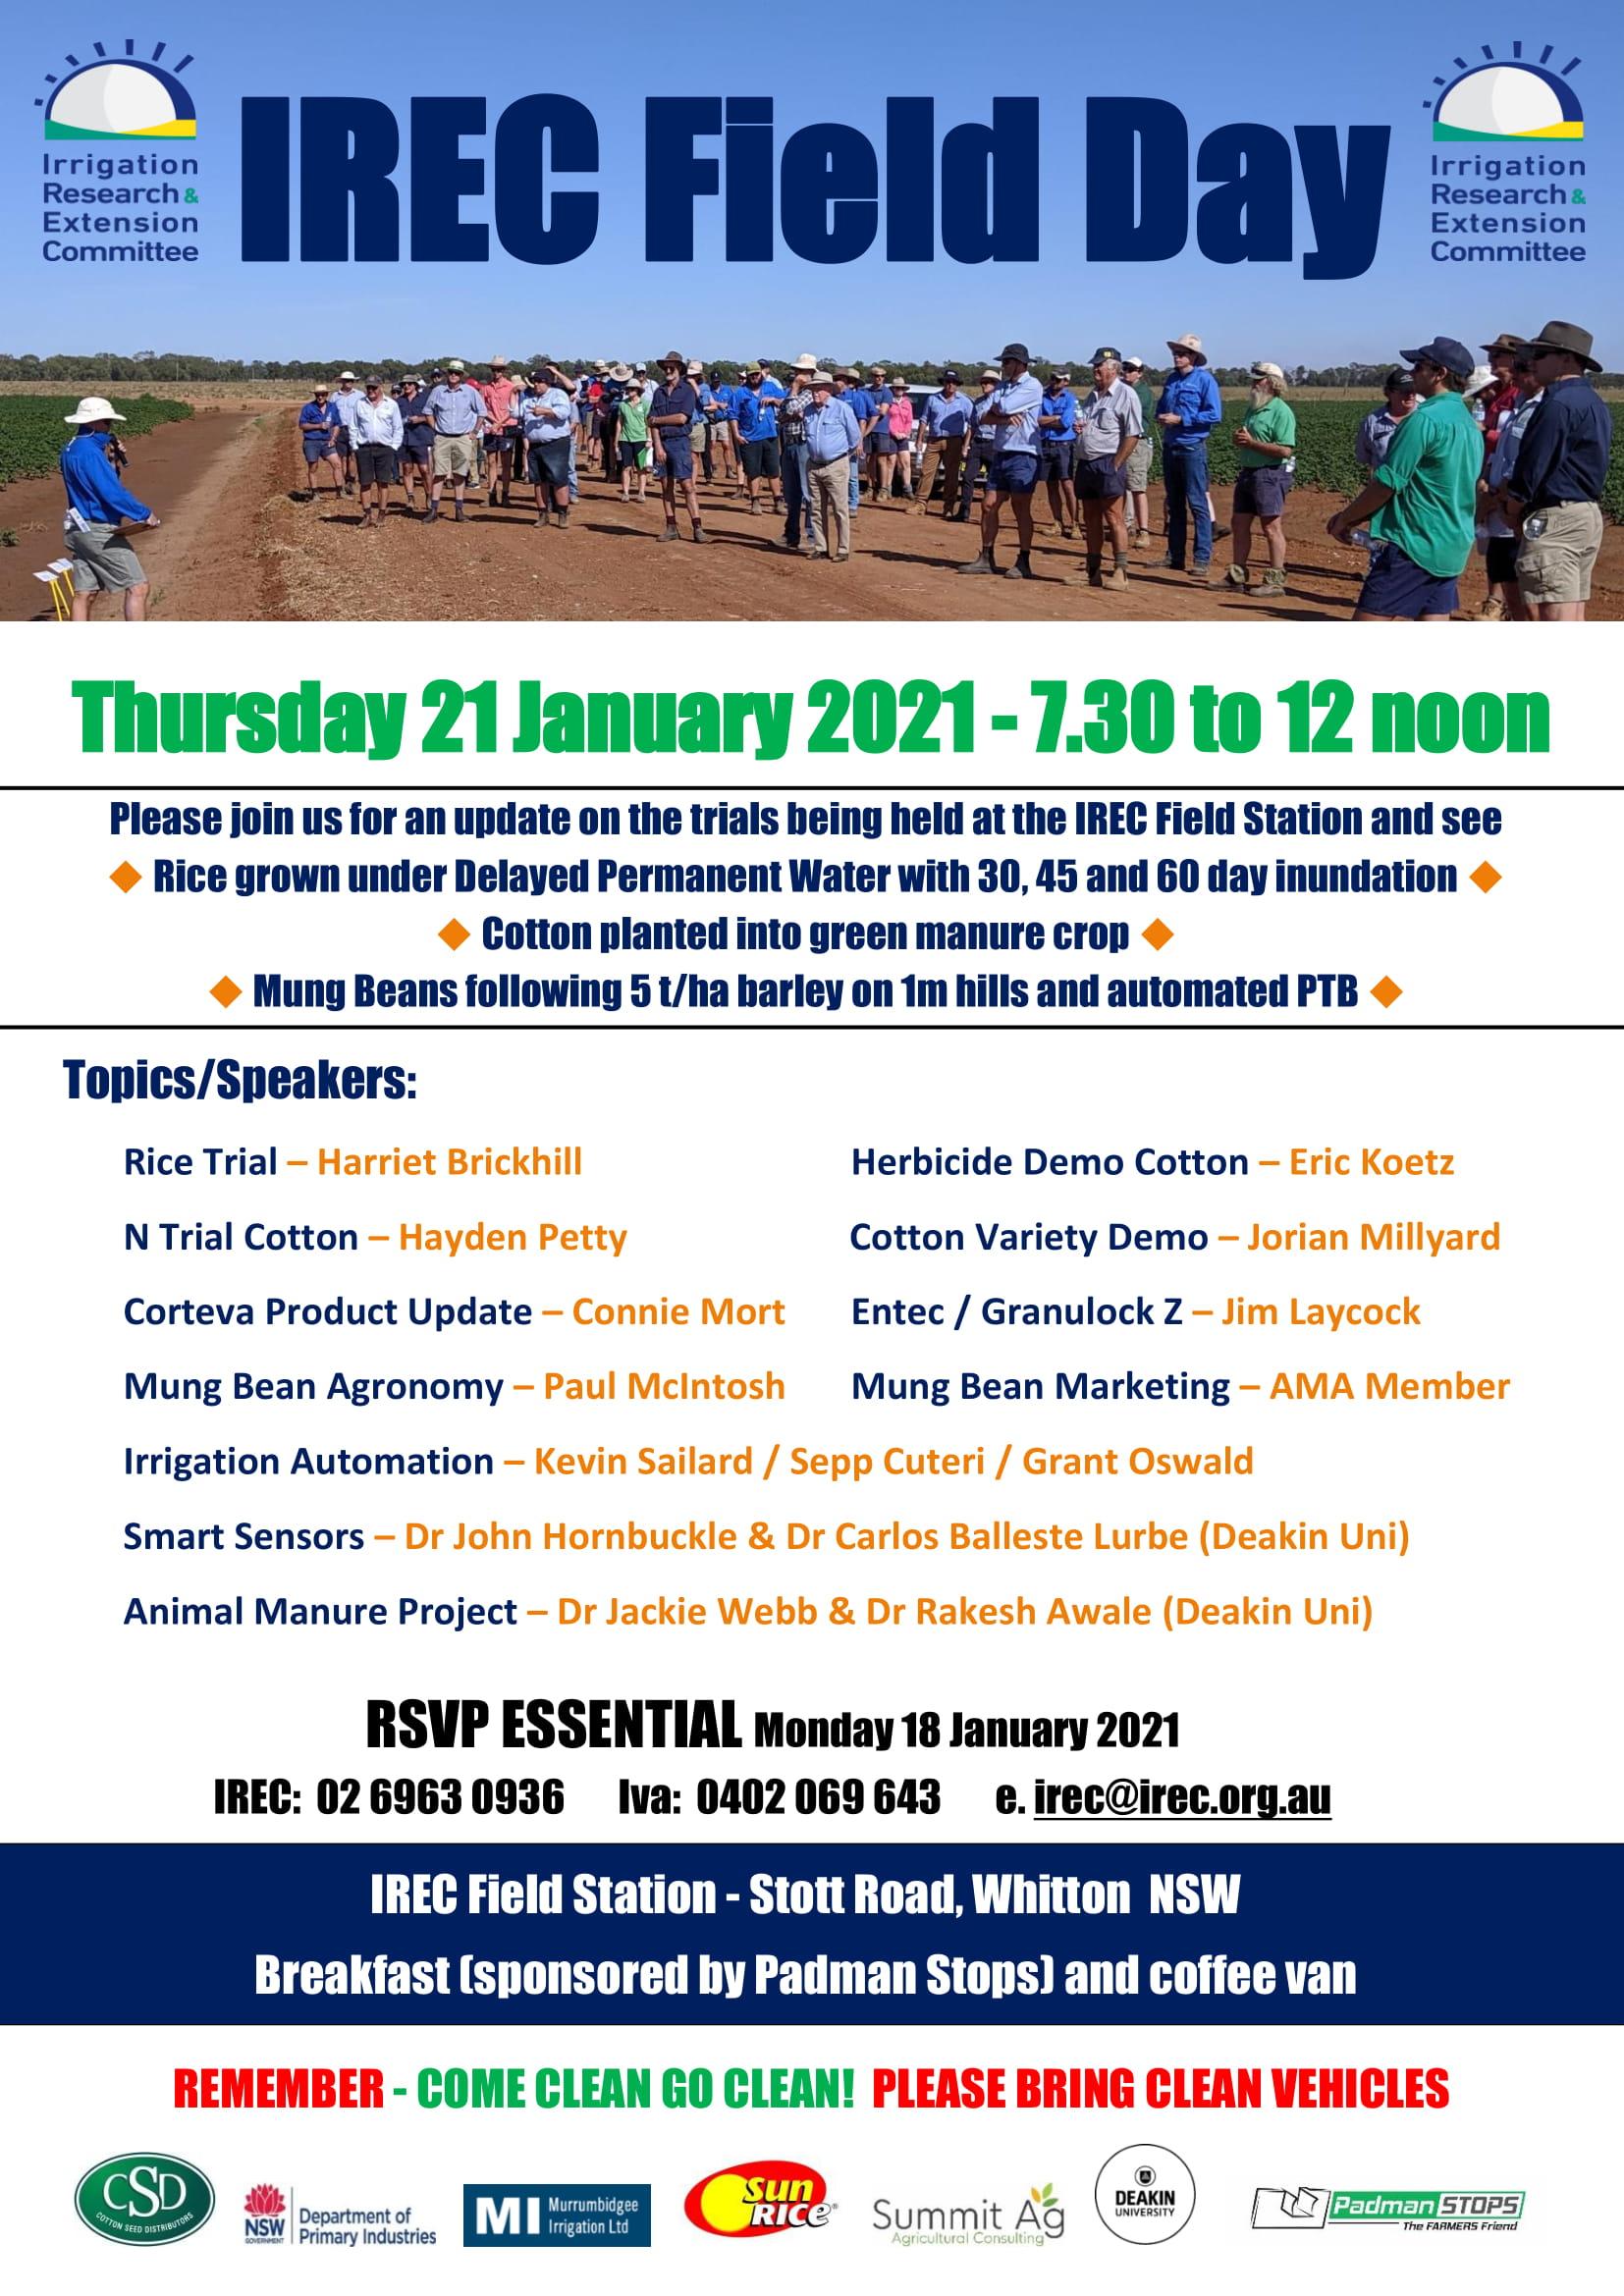 2021 IREC Field Day Flier 21st January 1